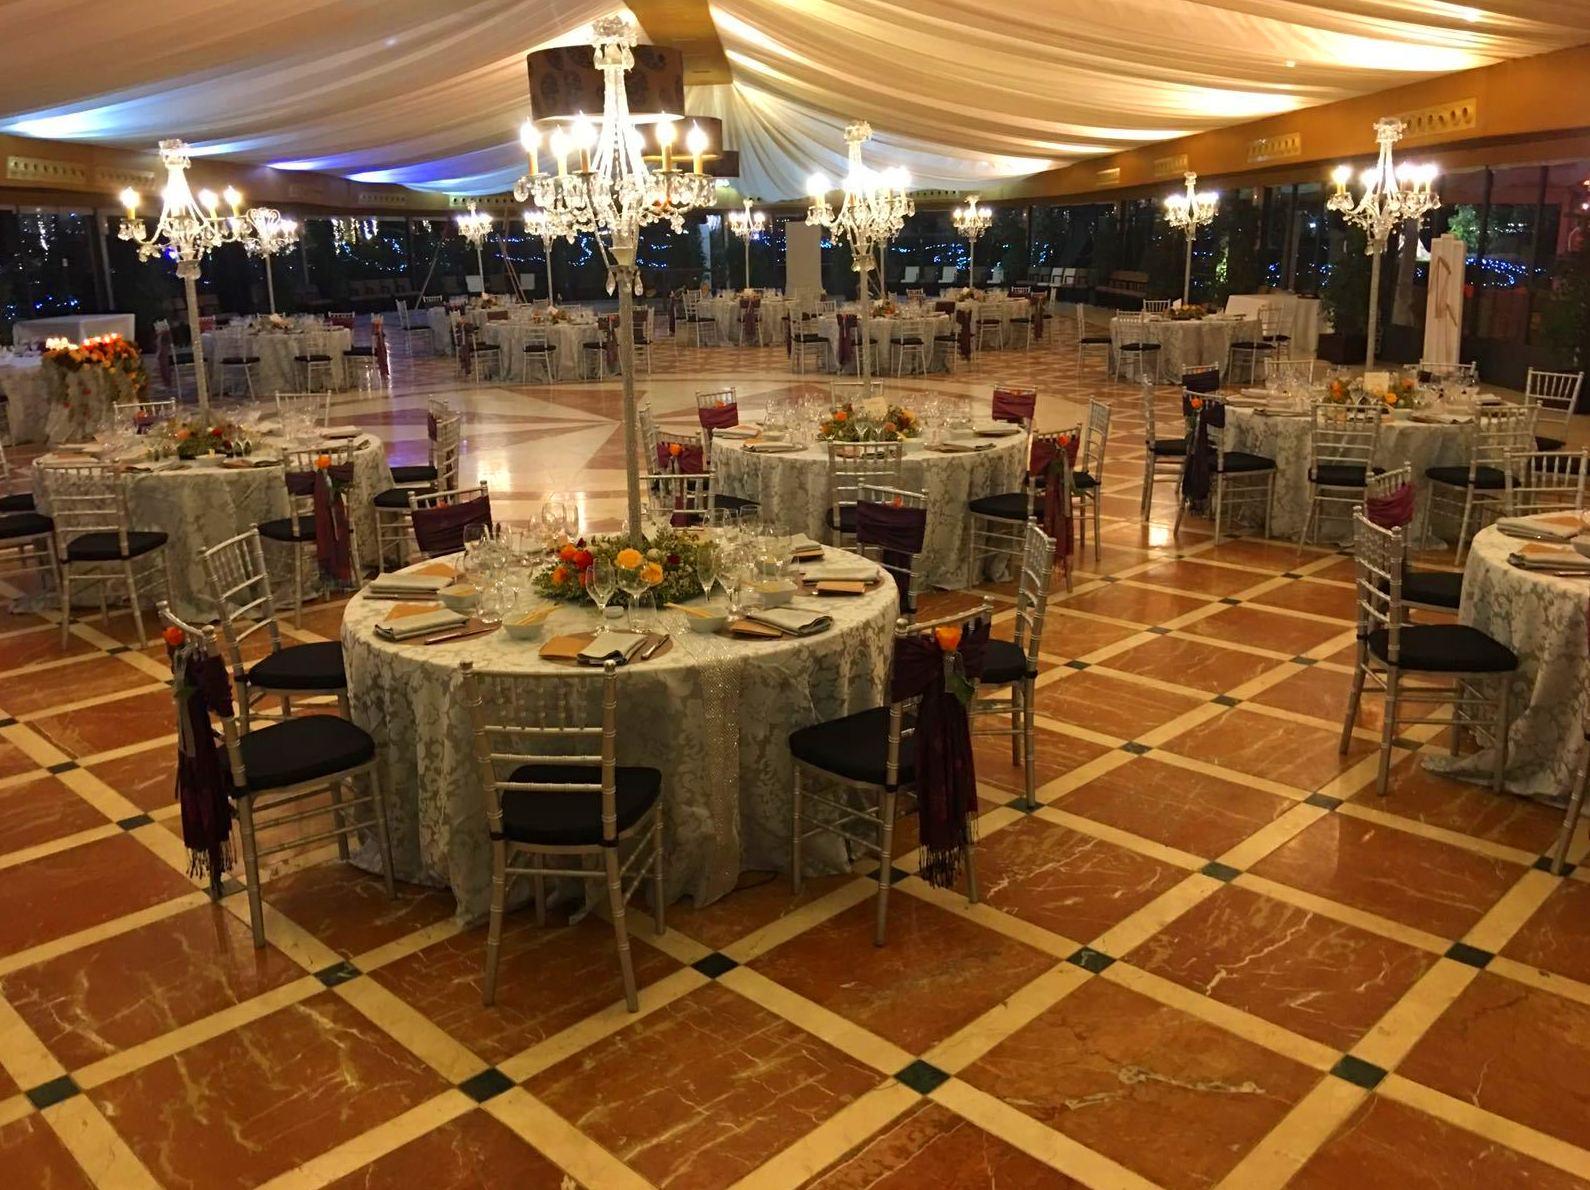 Foto 81 de Alquiler de sillas, mesas y menaje en  | Mantelería & Menaje